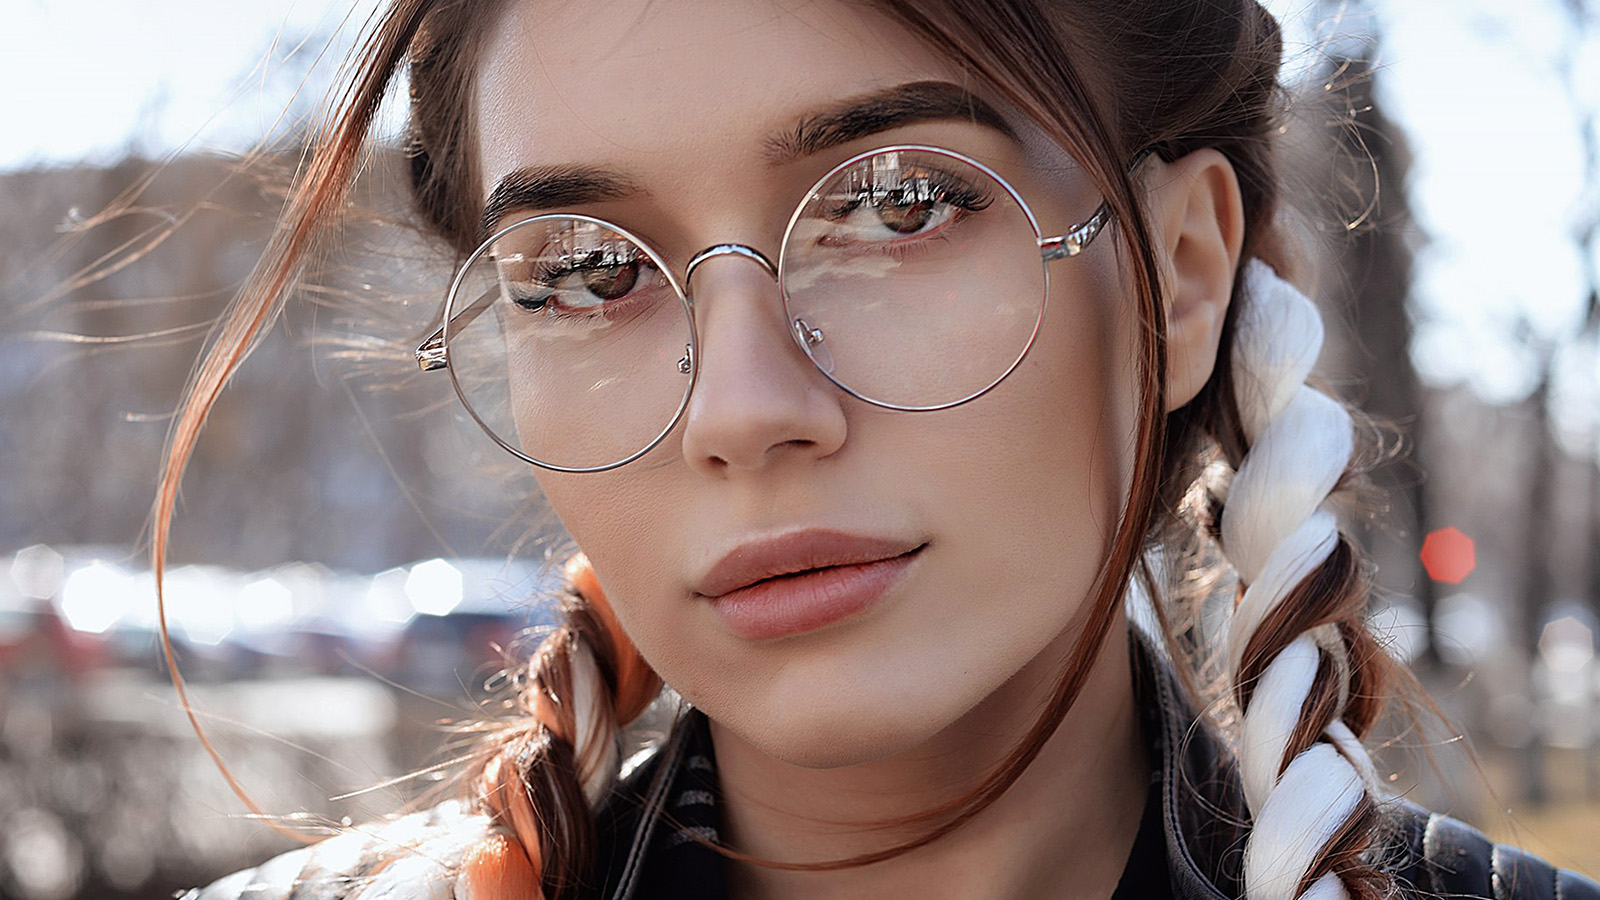 Hp49 Dua Lipa Girl Glasses Wallpaper